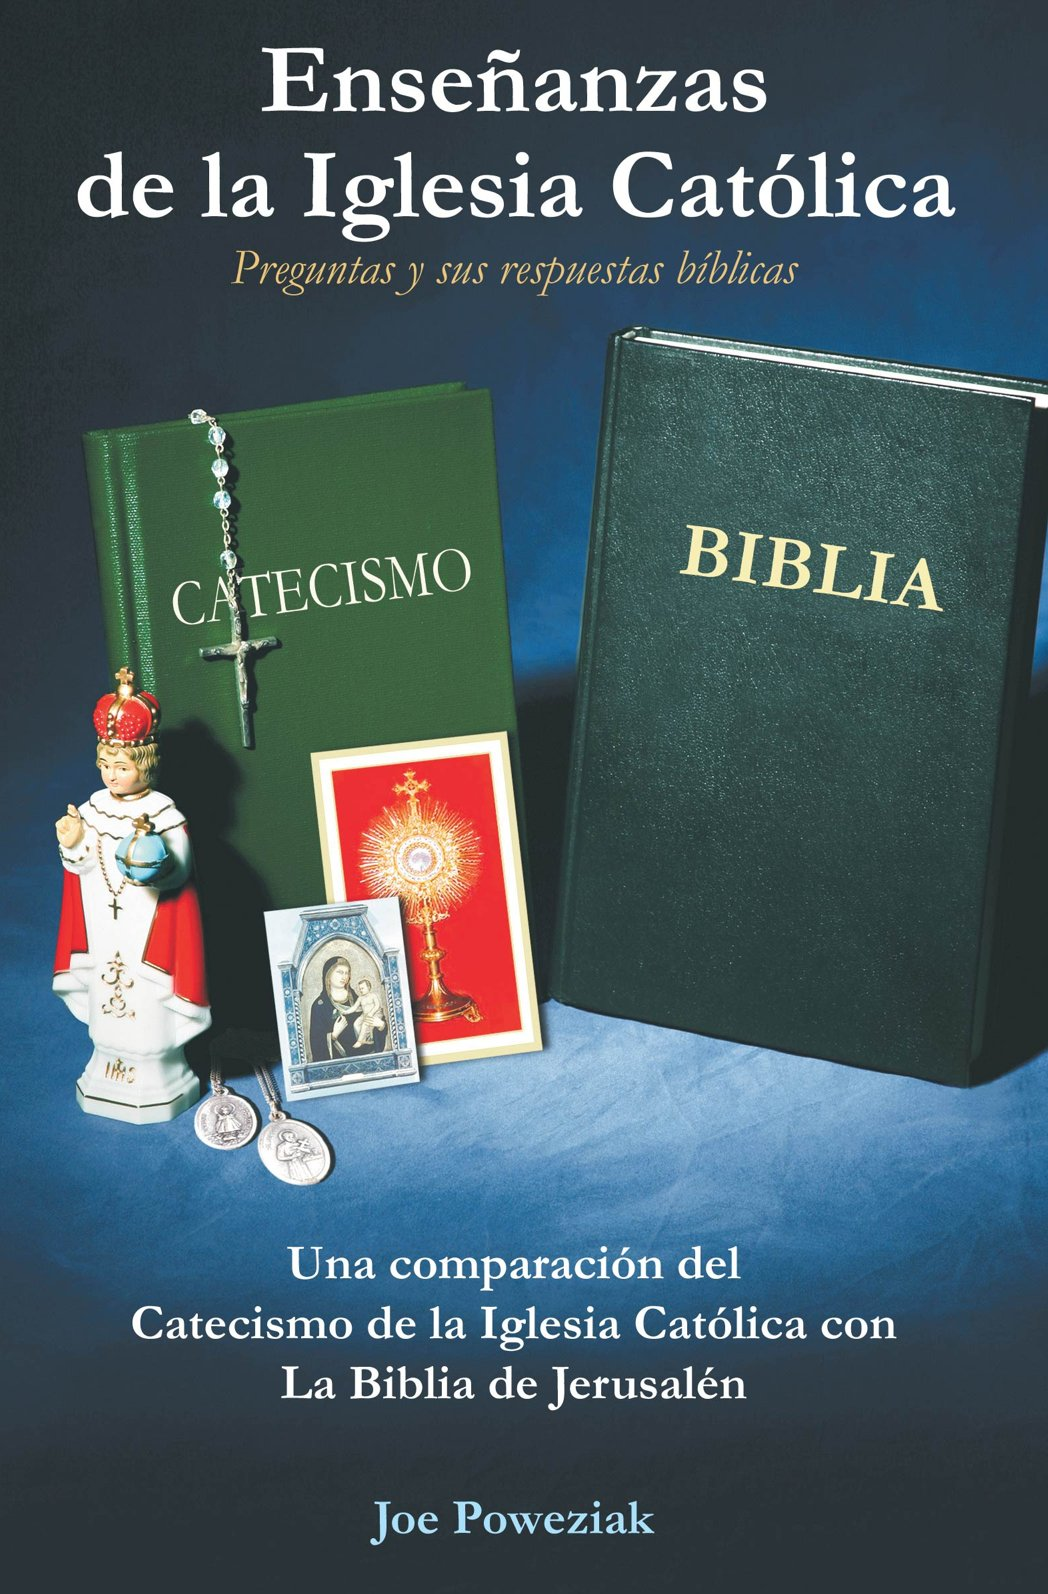 Enseñanzas De La Iglesia Católica Joe Poweziak 9781932607994 Books